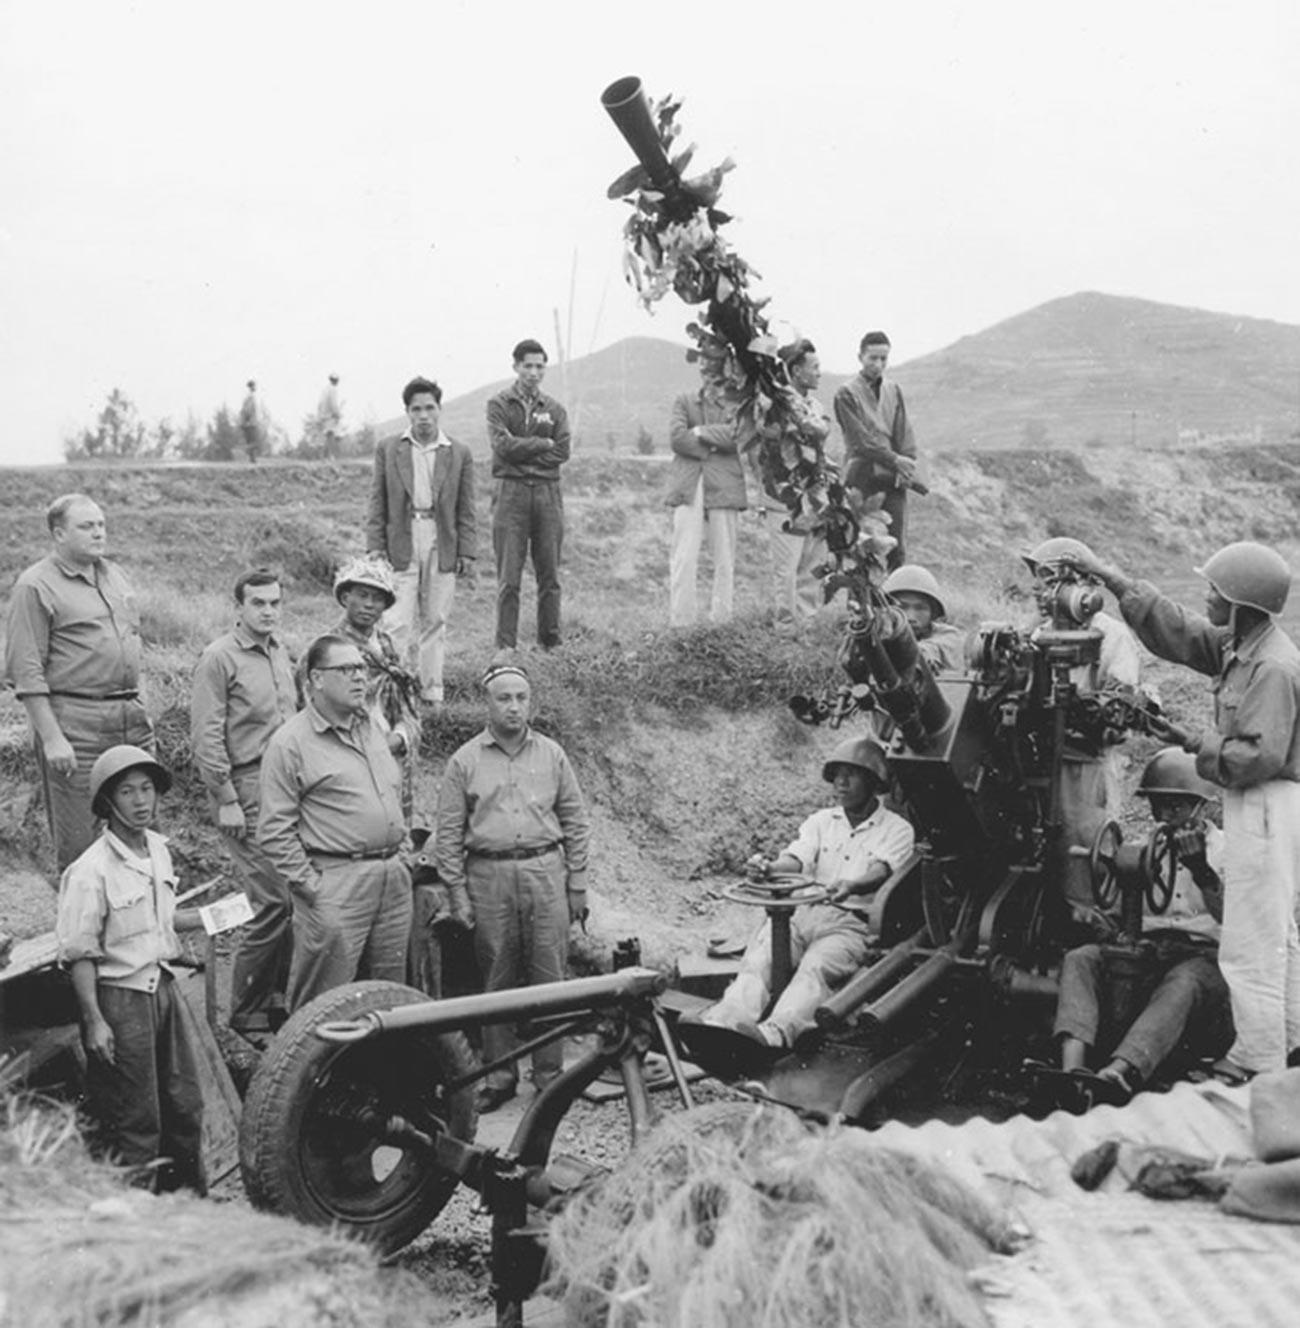 Советские военные специалисты и вьетнамские зенитчики в провинции Намдинь, 1965 г.